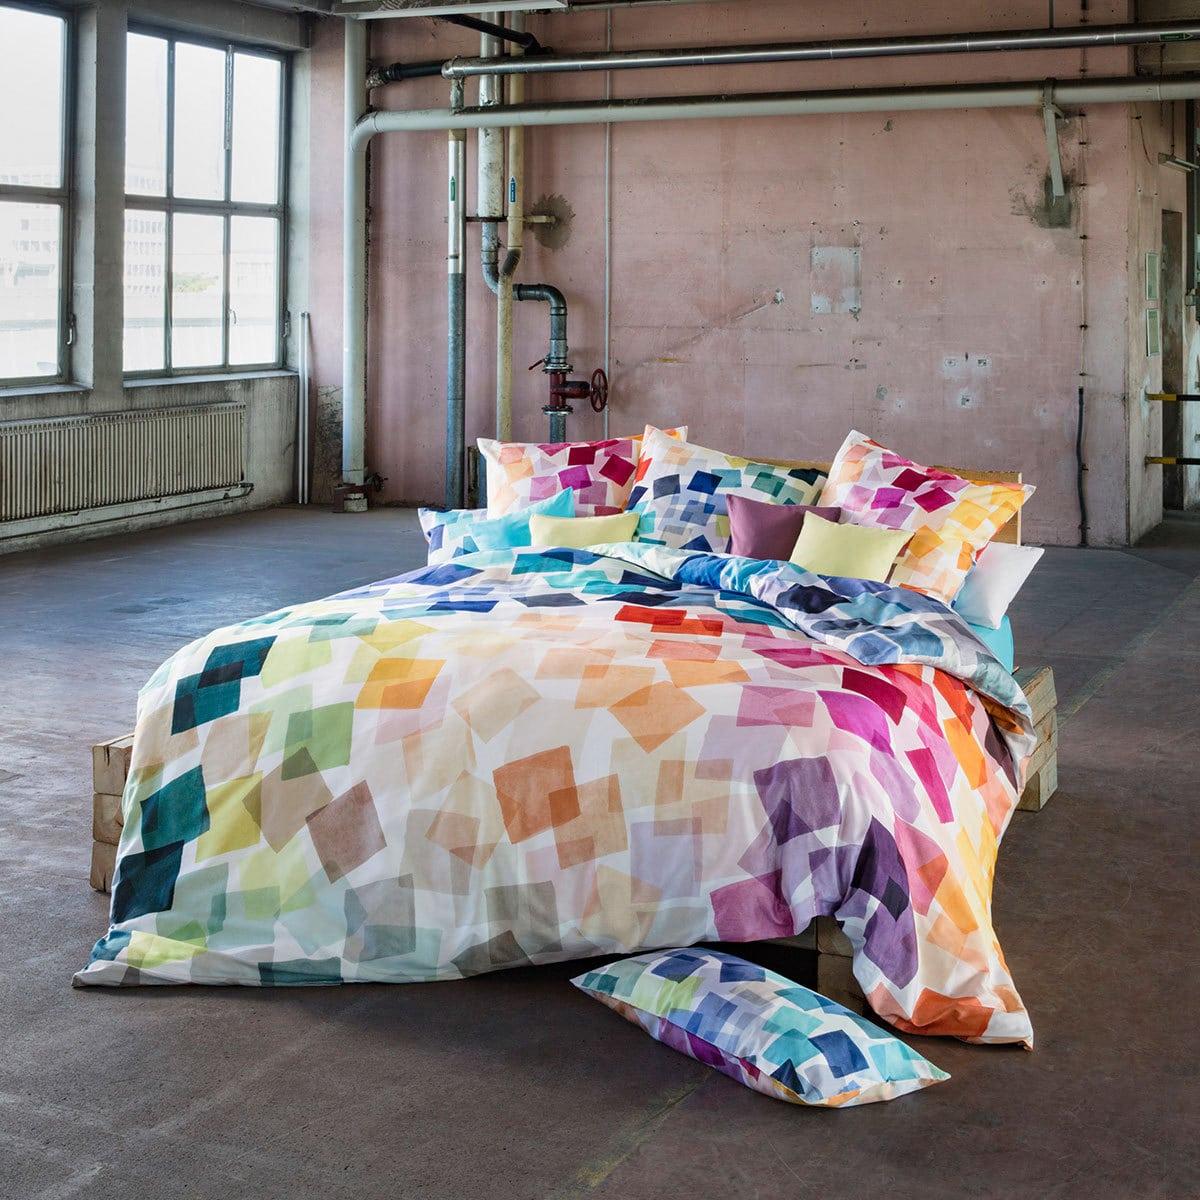 estella mako satin bettw sche puzzle multicolor g nstig online kaufen bei bettwaren shop. Black Bedroom Furniture Sets. Home Design Ideas